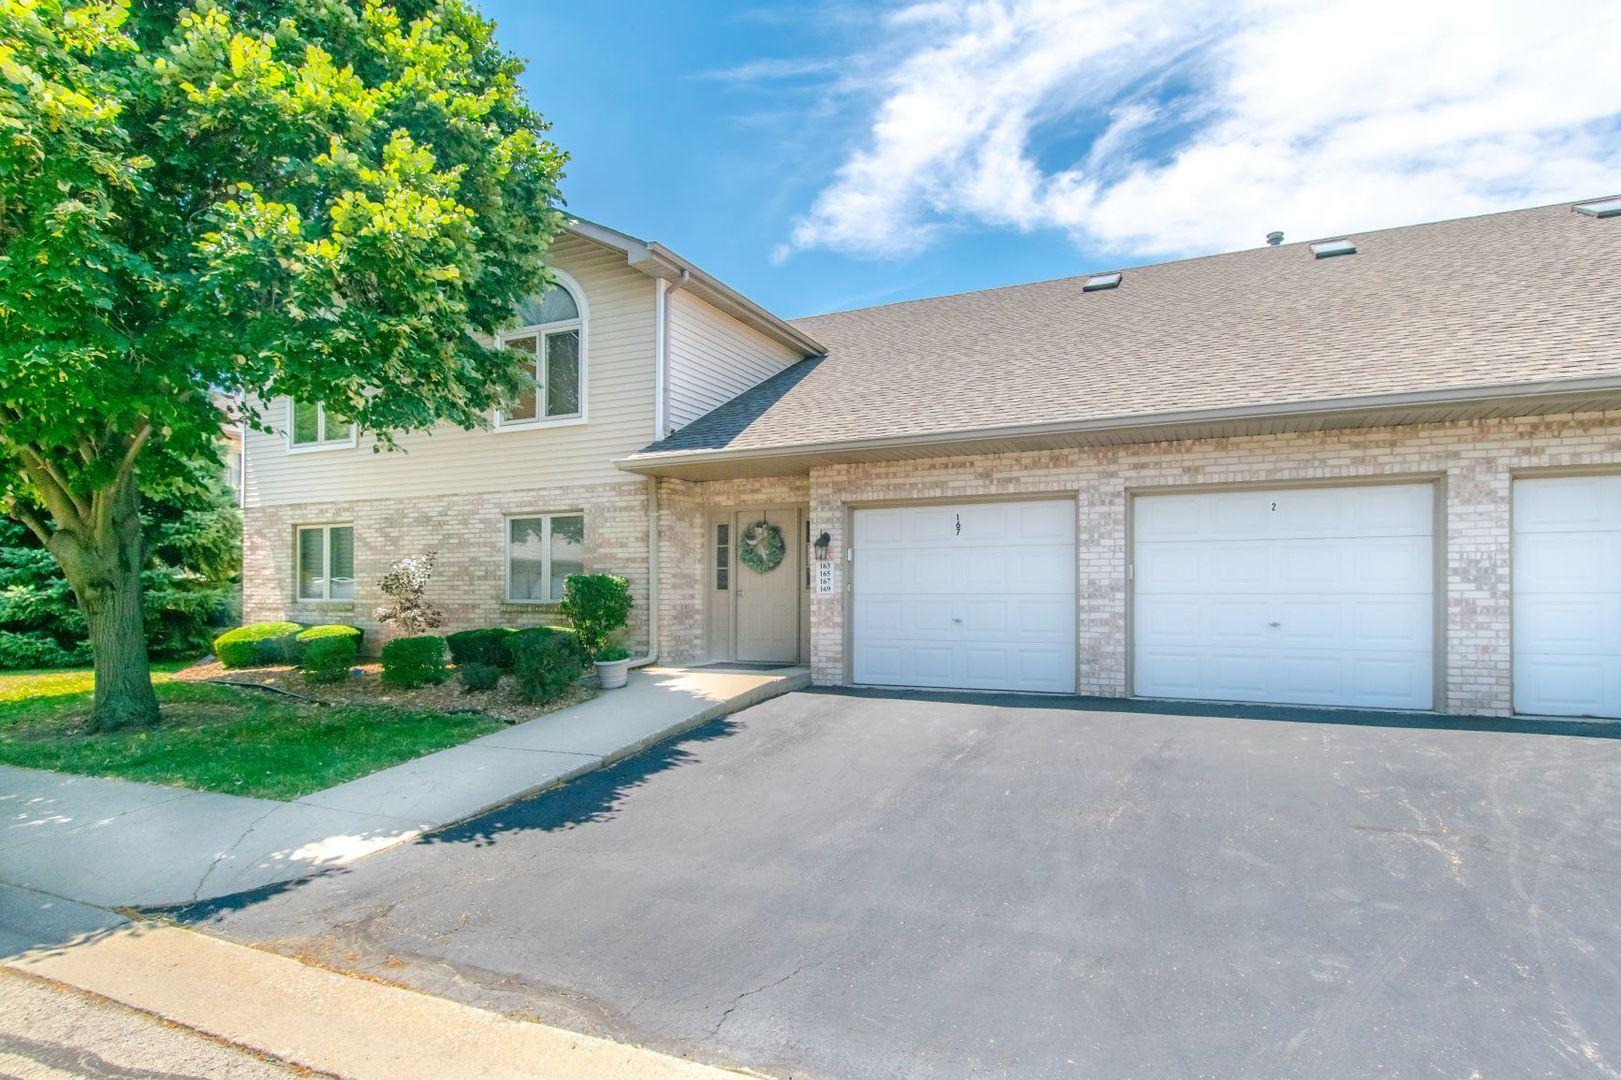 163 Barbara Jean Lane #163, Joliet, IL 60436 - #: 10763807